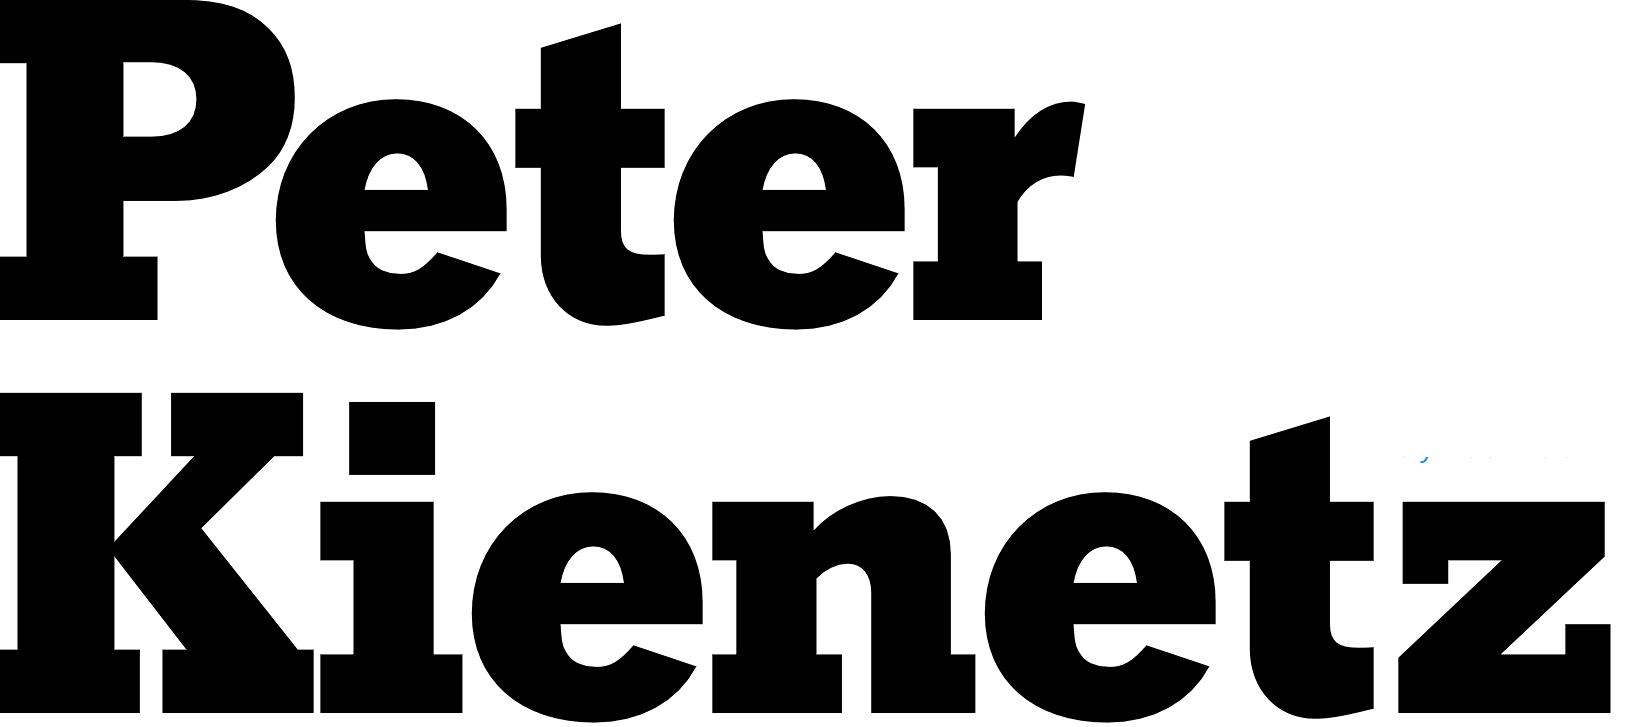 Peter Kienetz